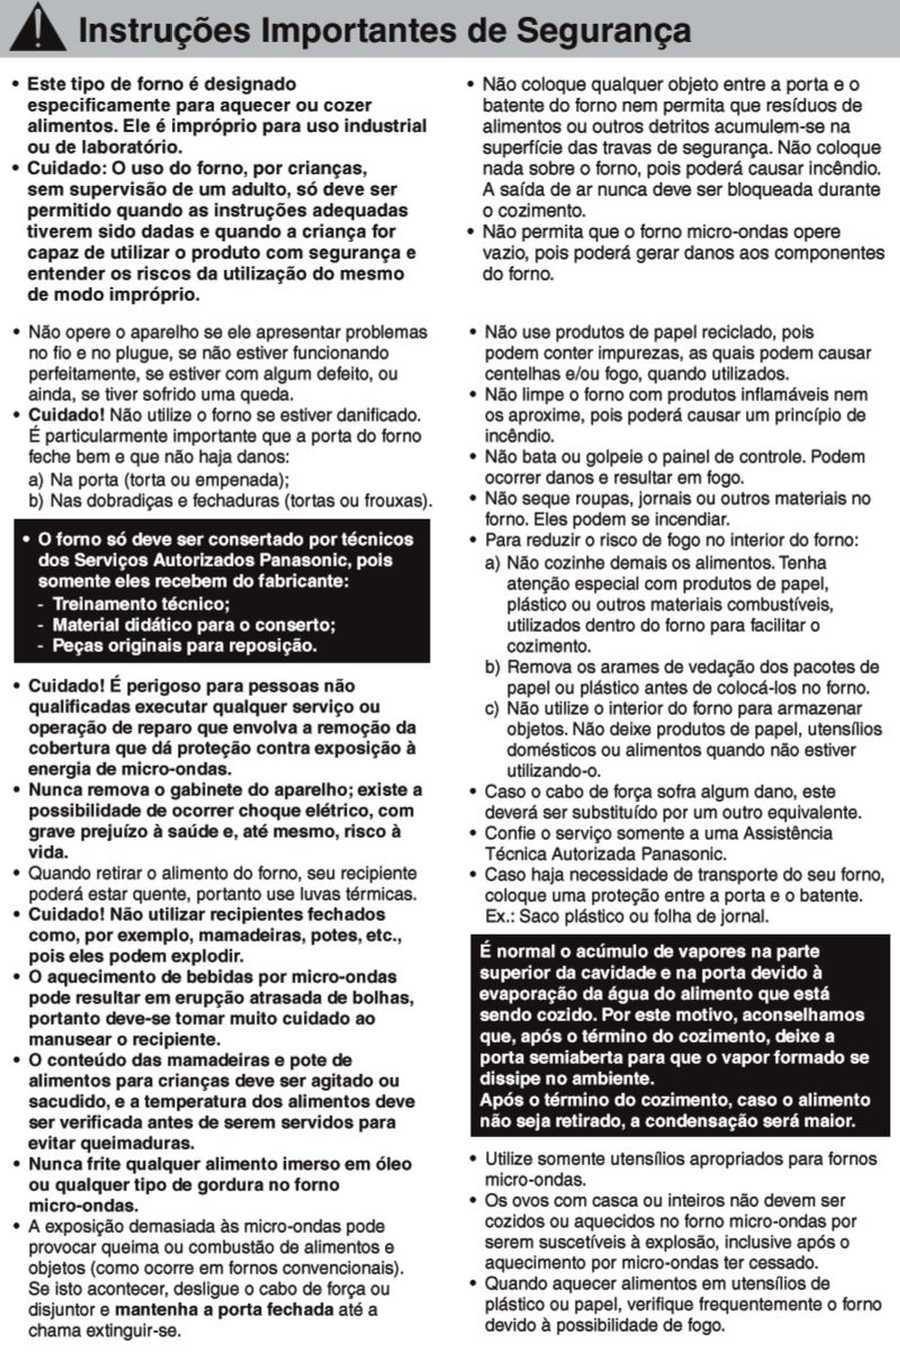 Manual de instruções do microondas Panasonic NN-ST35H - Segurança